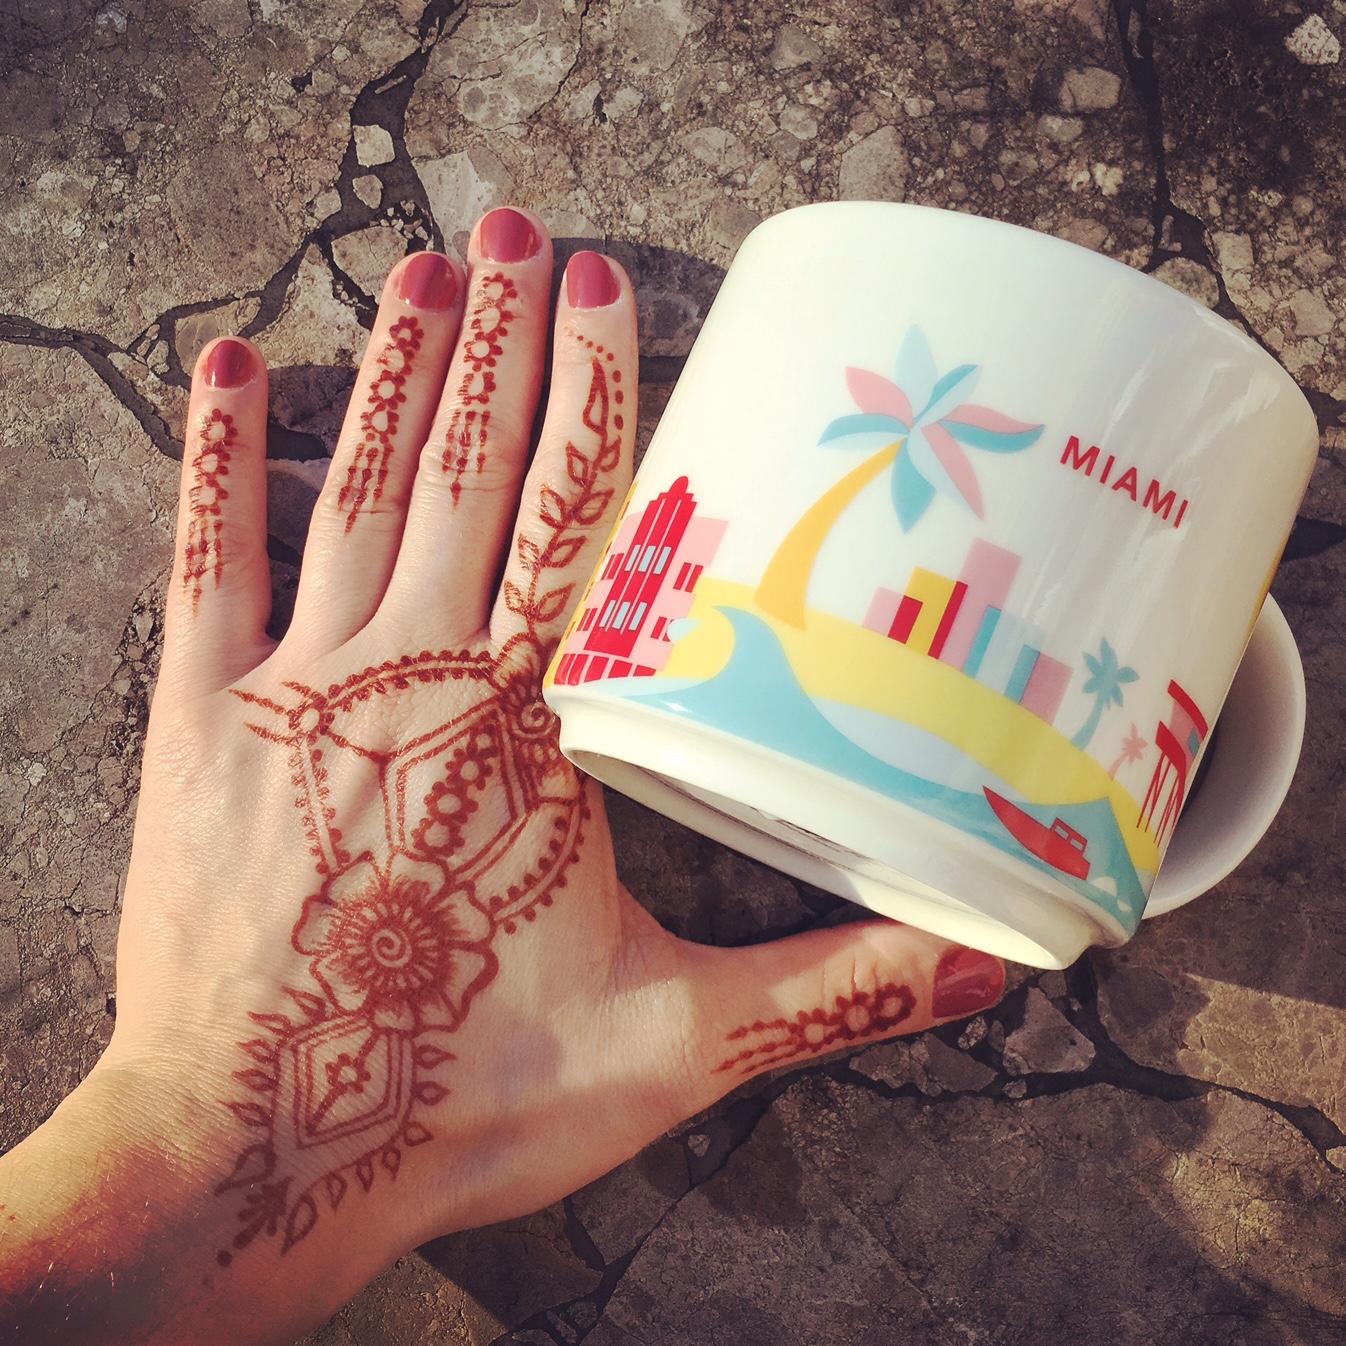 Henna Tattoo Miami : Our trip to miami henna spot